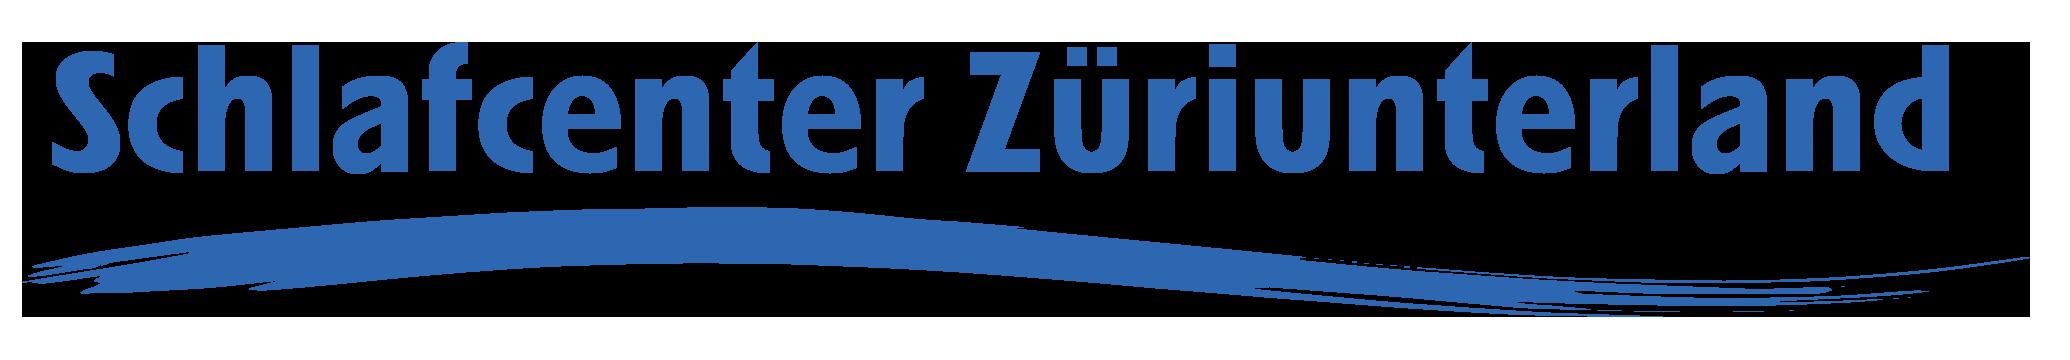 Schlafcenter Züriunterland